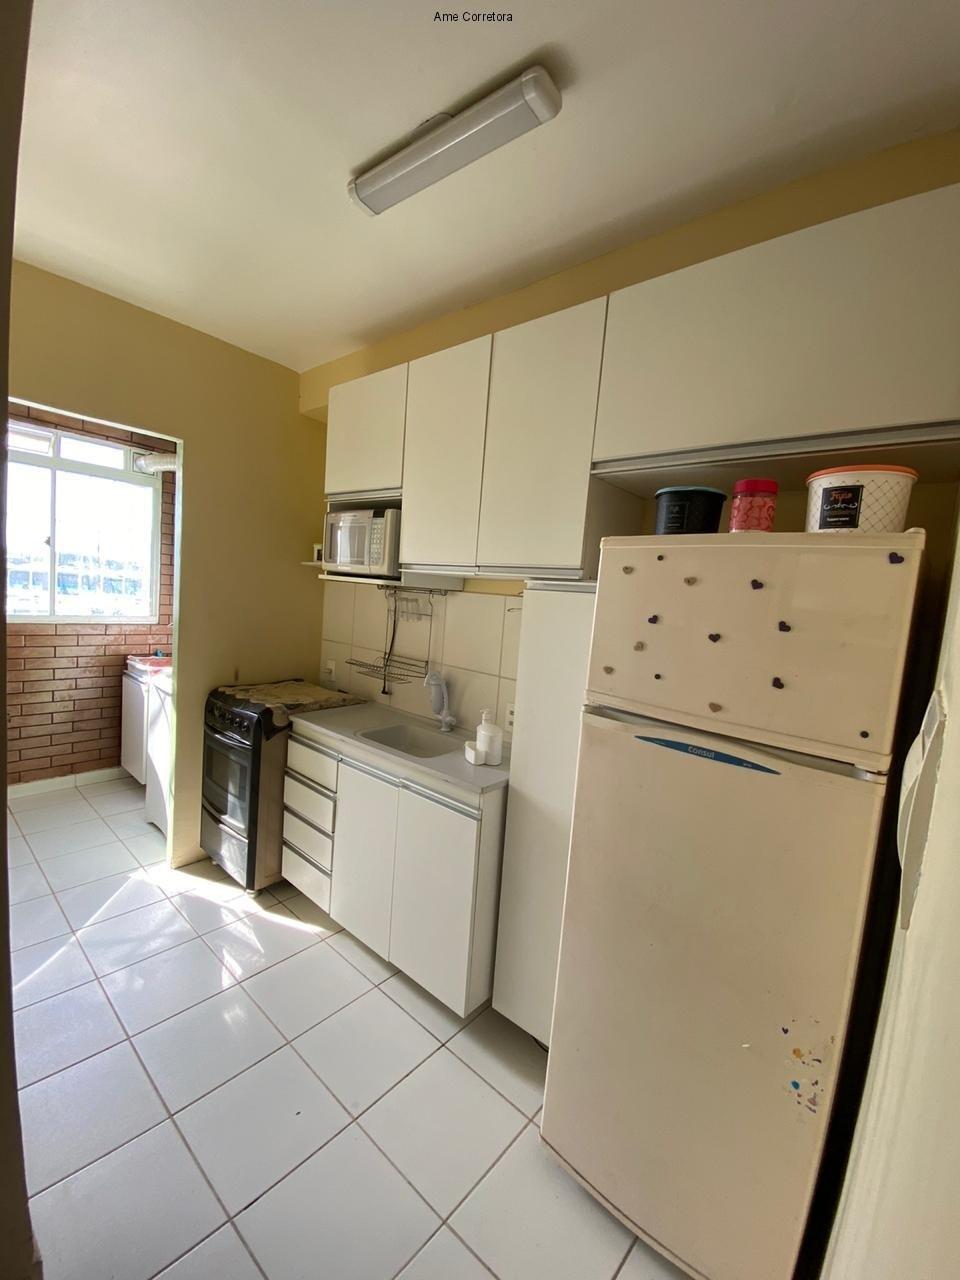 FOTO 04 - Apartamento 2 quartos à venda Rio de Janeiro,RJ - R$ 130.000 - AP00375 - 9